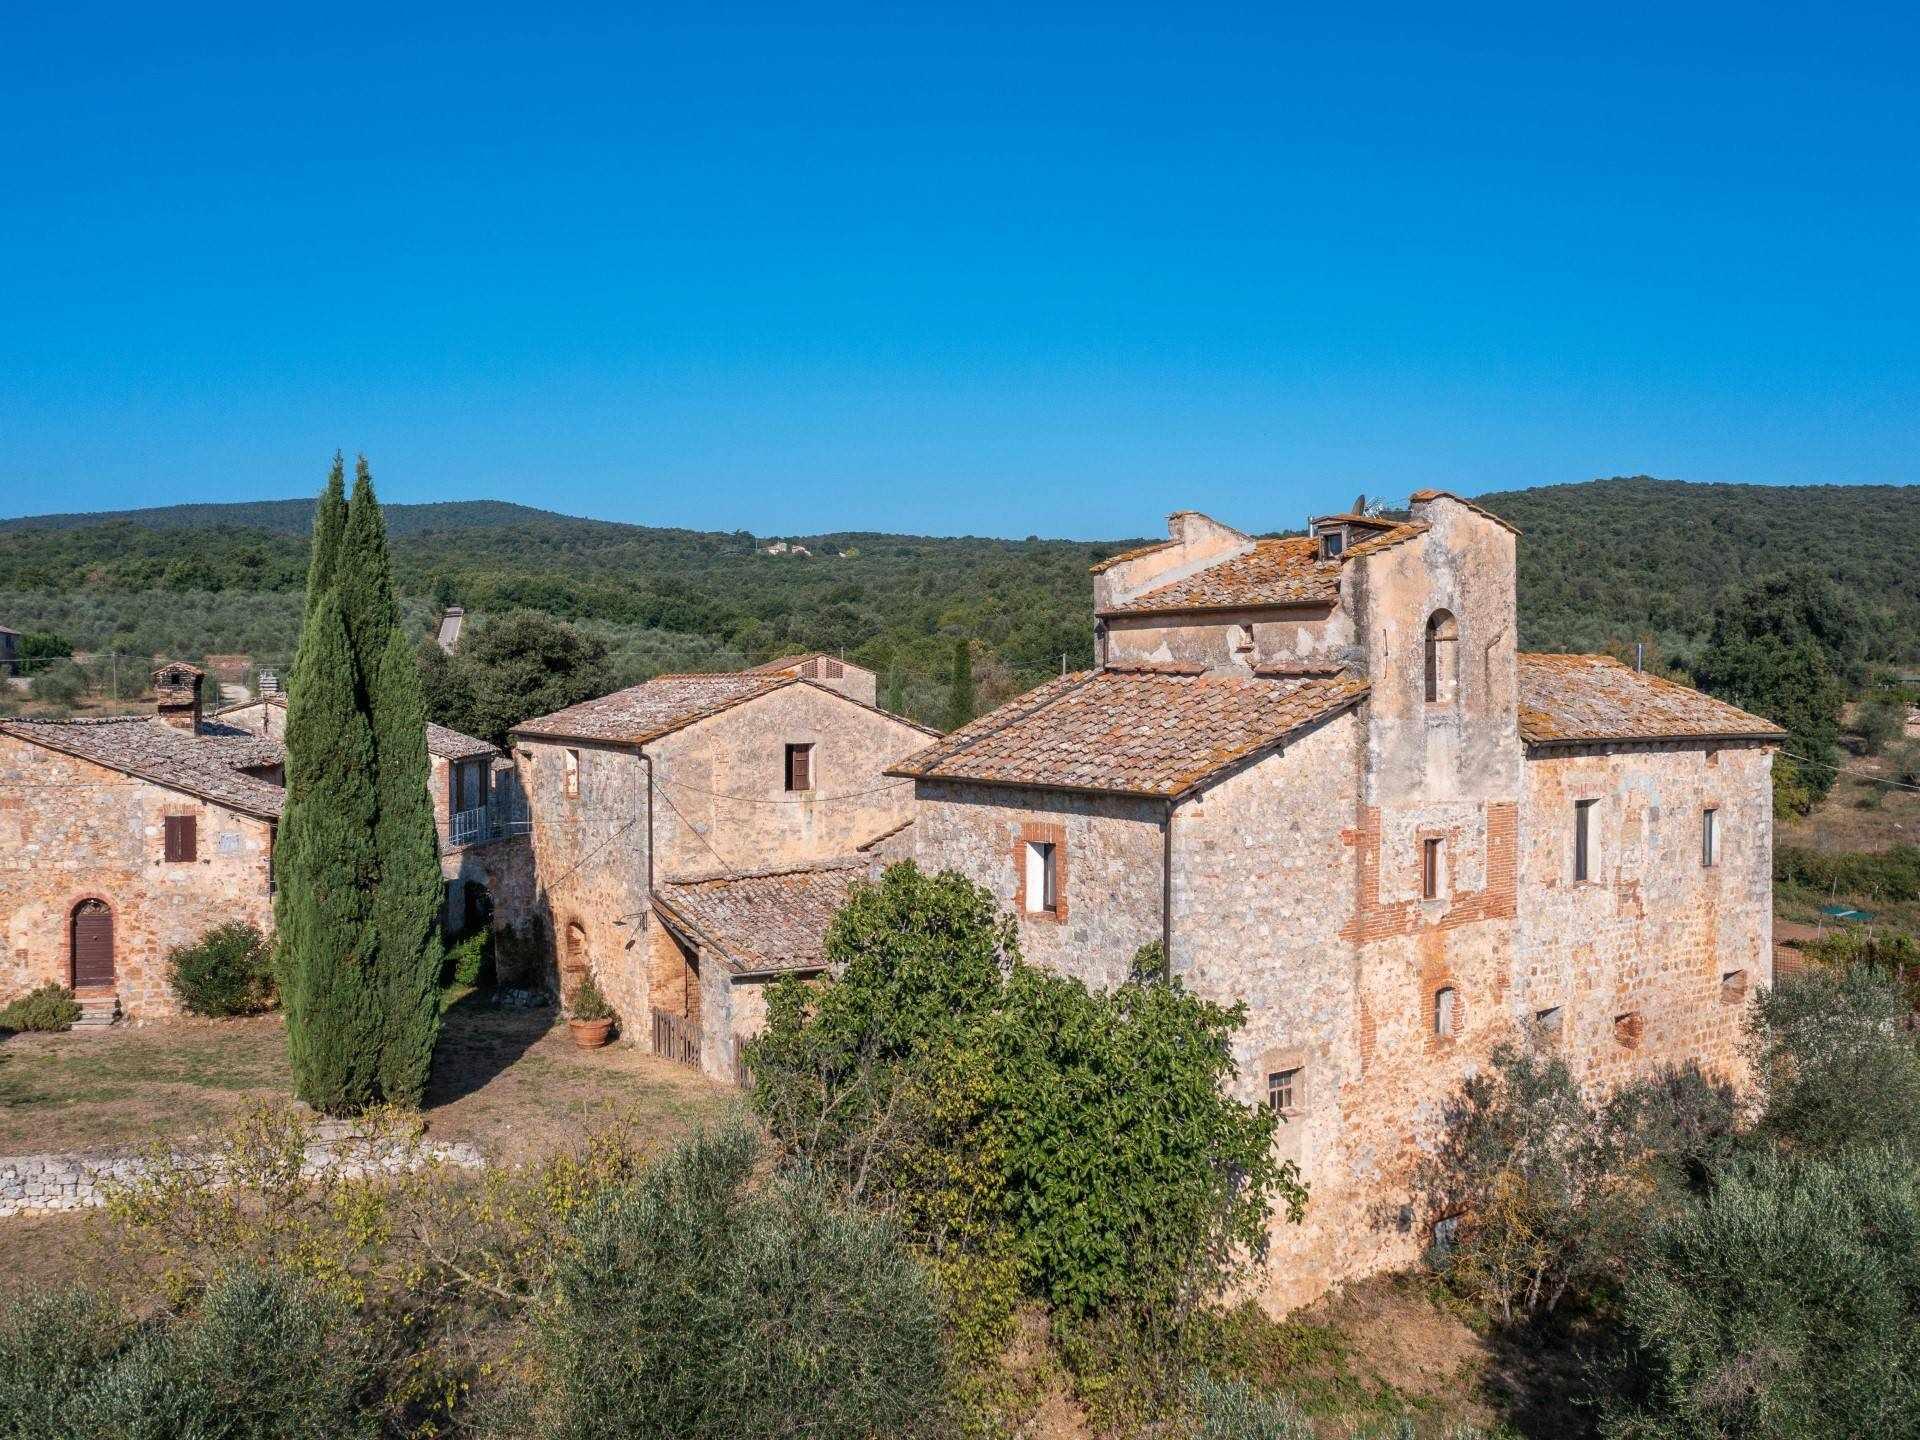 Antica chiesa con monastero trasformata in colonica con giardino a soli 5 km da Siena in posizione alta e panoramica, a due passi dal Castello de La Chiocciola. Il fabbricato, attualmente ad uso